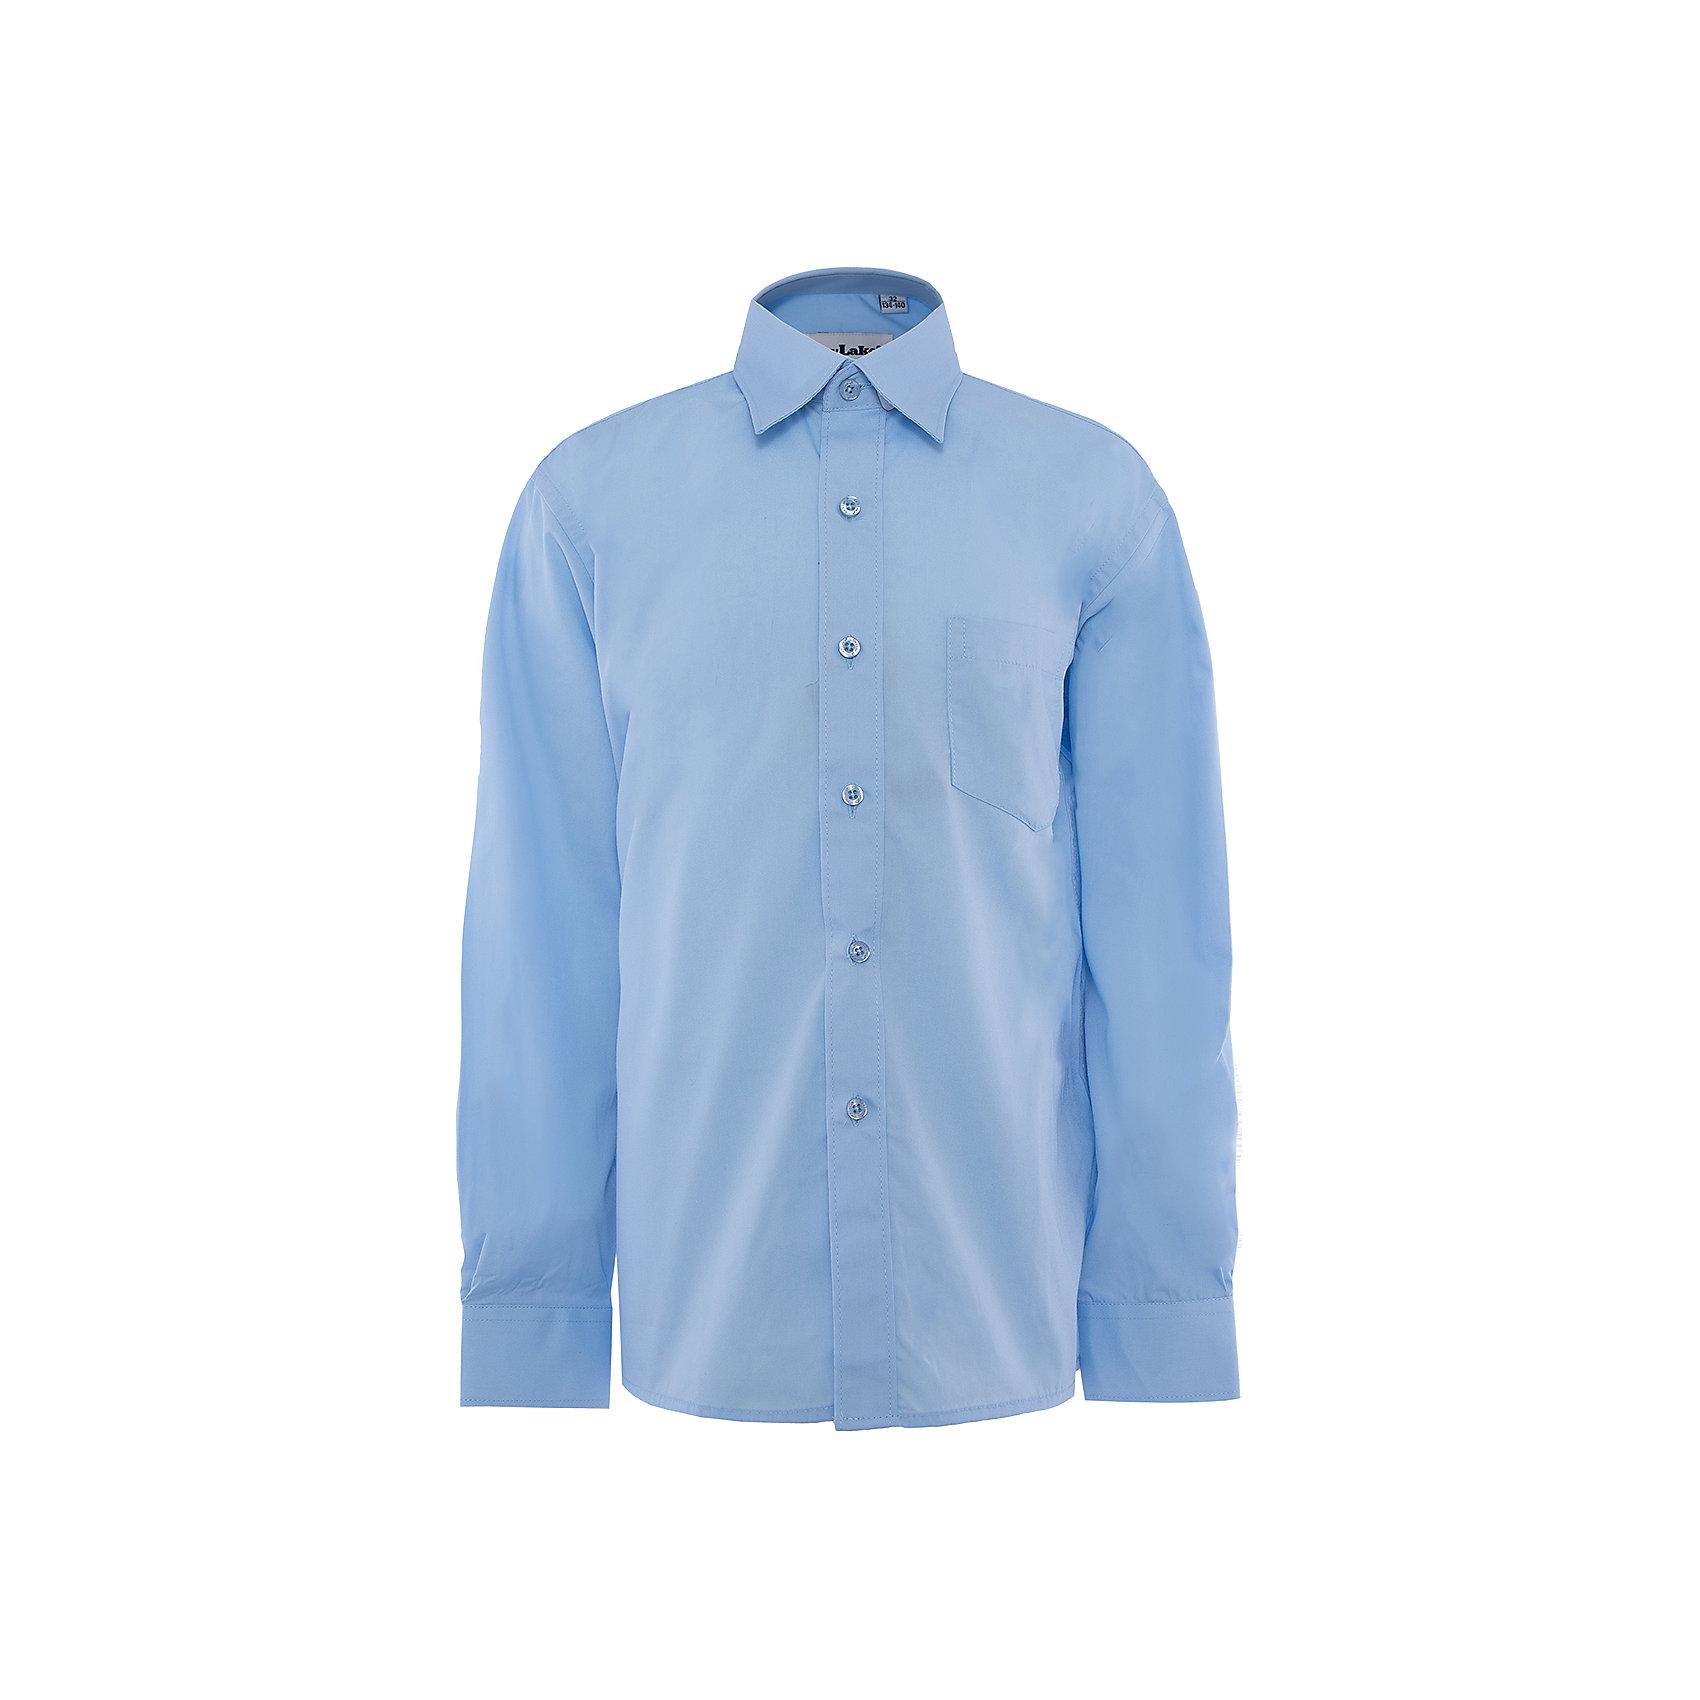 Рубашка для мальчика SkylakeБлузки и рубашки<br>Сорочка классическая для мальчика<br>Состав:<br>80% хлопок, 20% п/э<br><br>Ширина мм: 174<br>Глубина мм: 10<br>Высота мм: 169<br>Вес г: 157<br>Цвет: голубой<br>Возраст от месяцев: 72<br>Возраст до месяцев: 84<br>Пол: Мужской<br>Возраст: Детский<br>Размер: 122,140,158,152,146,134,128<br>SKU: 3708489